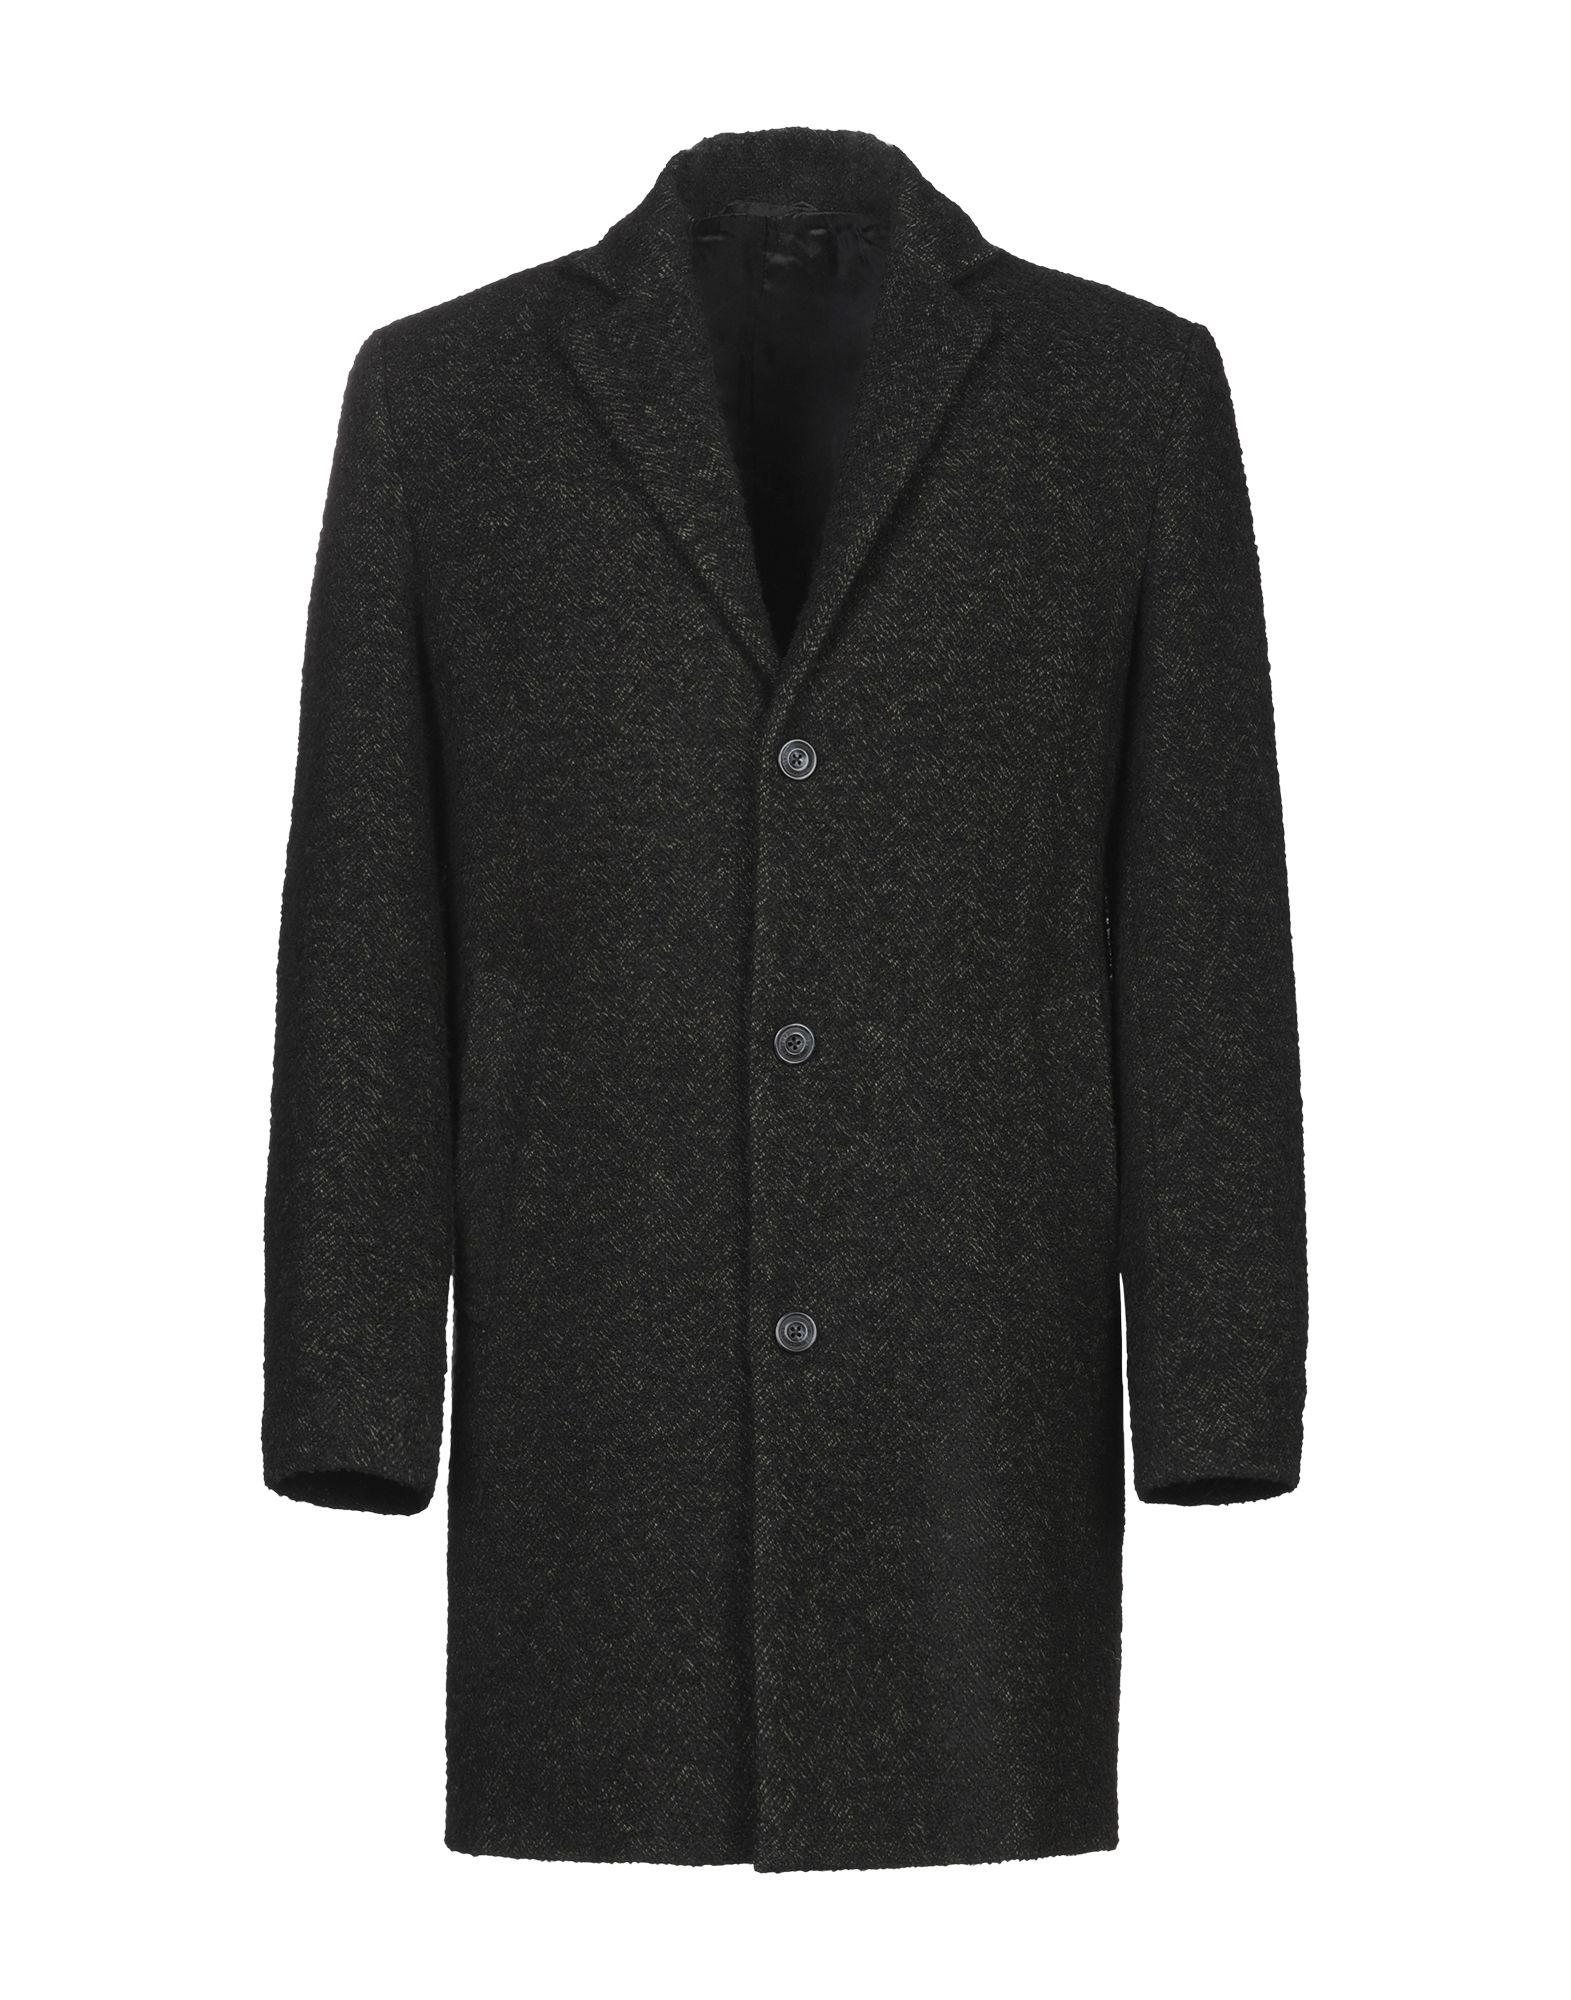 《期間限定セール開催中!》TRUSSARDI JEANS メンズ コート ブラック 48 ウール 47% / ポリエステル 28% / アクリル 19% / ナイロン 6%